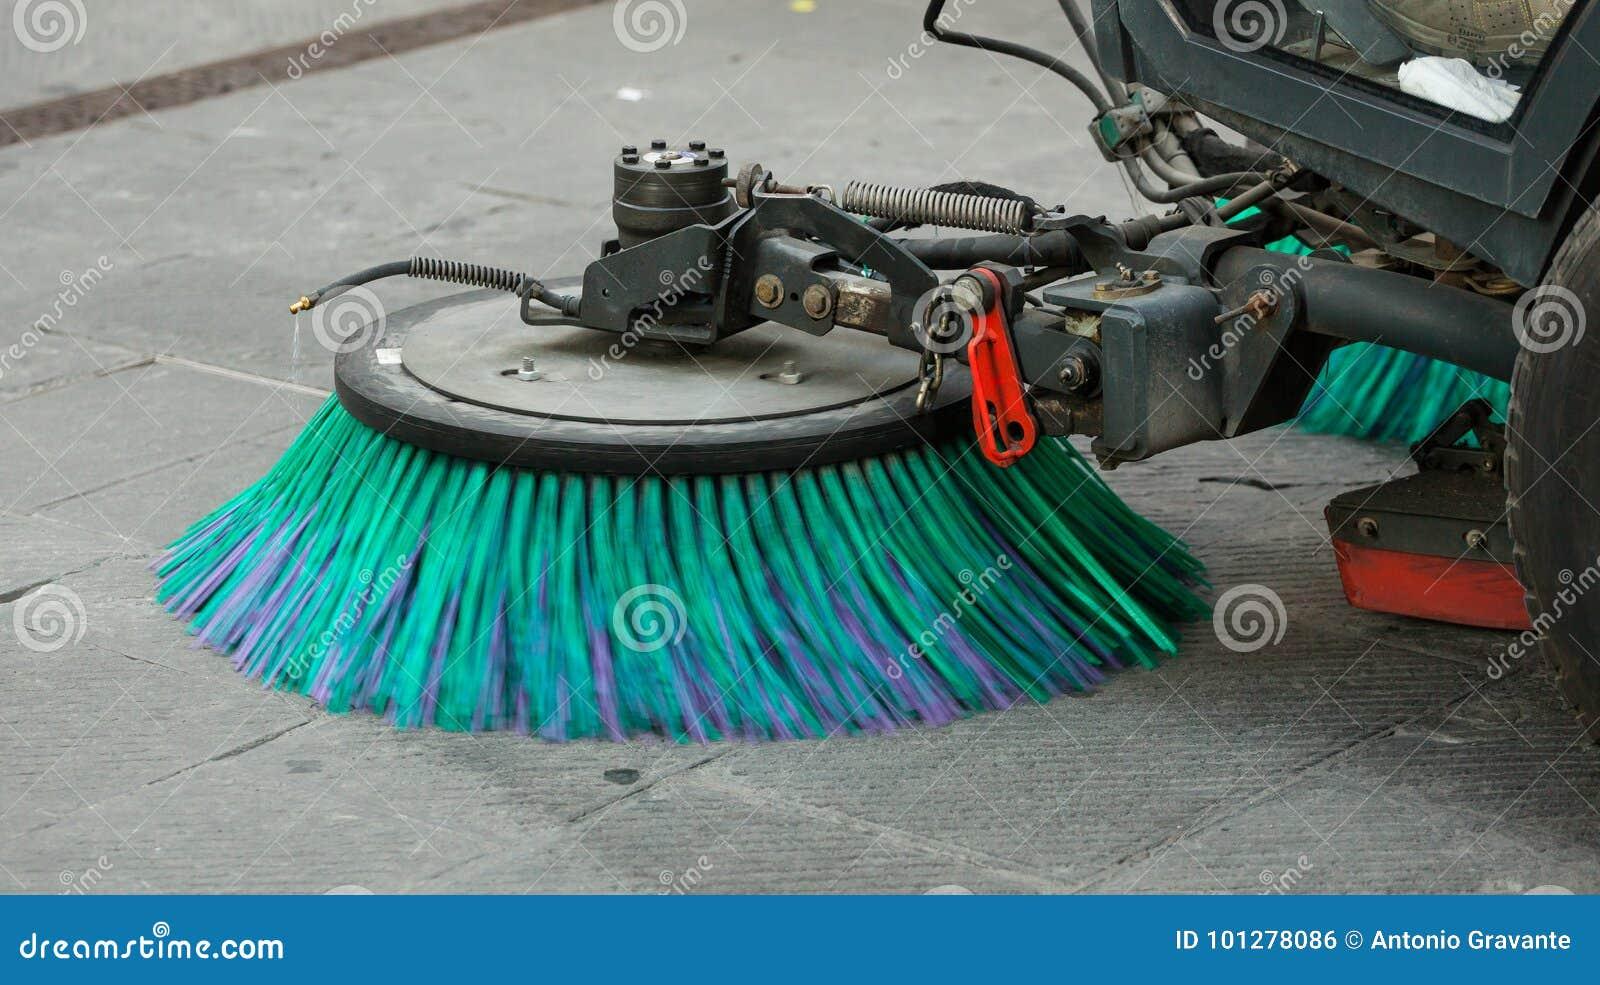 StraßenfegerMaschine, welche die Straßen säubert